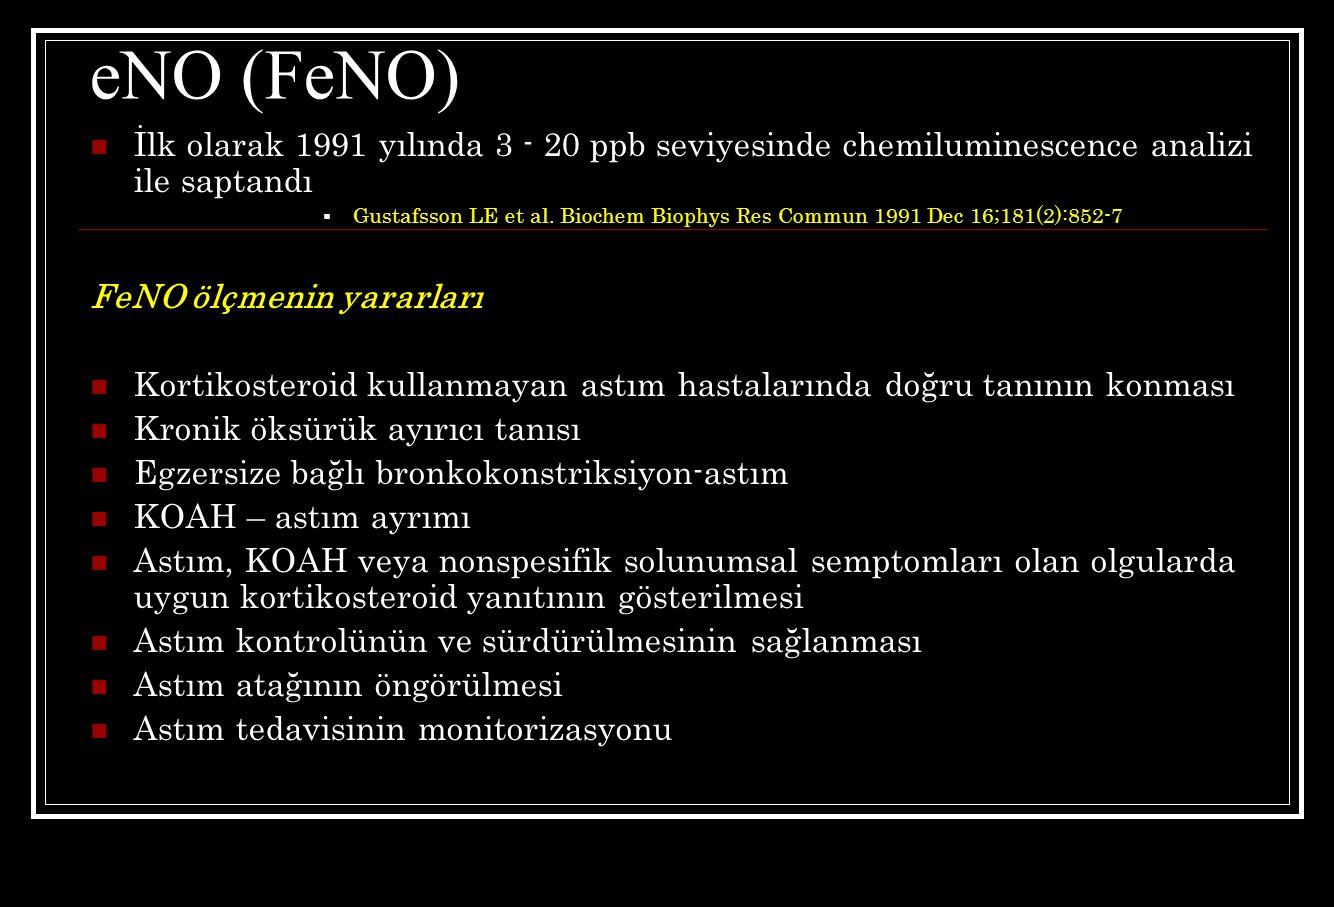 eNO (FeNO) İlk olarak 1991 yılında 3 - 20 ppb seviyesinde chemiluminescence analizi ile saptandı.